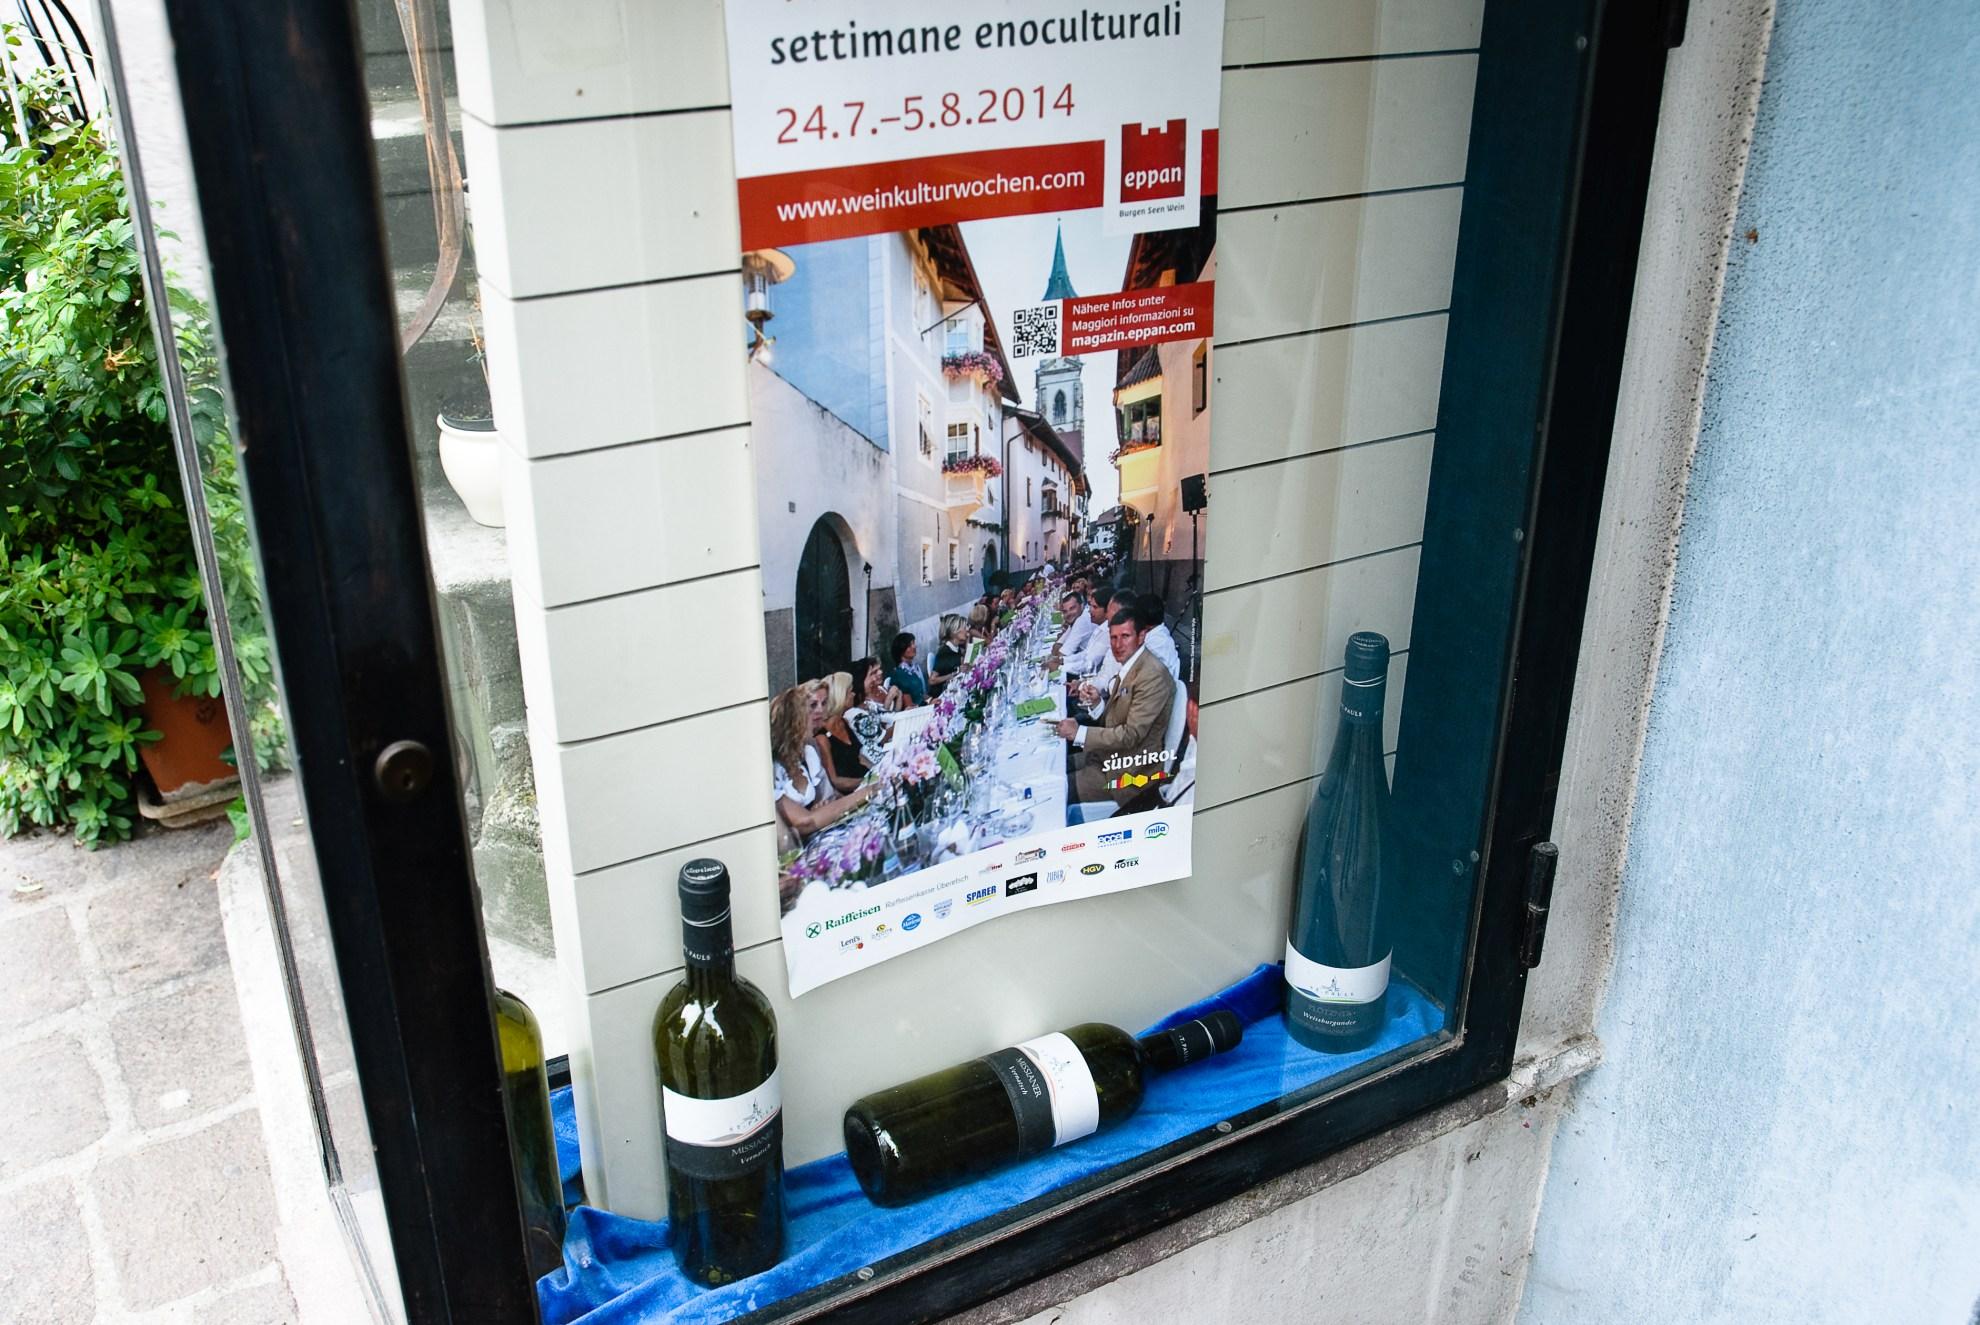 Impreza w Appiano sulla Strada del Vino